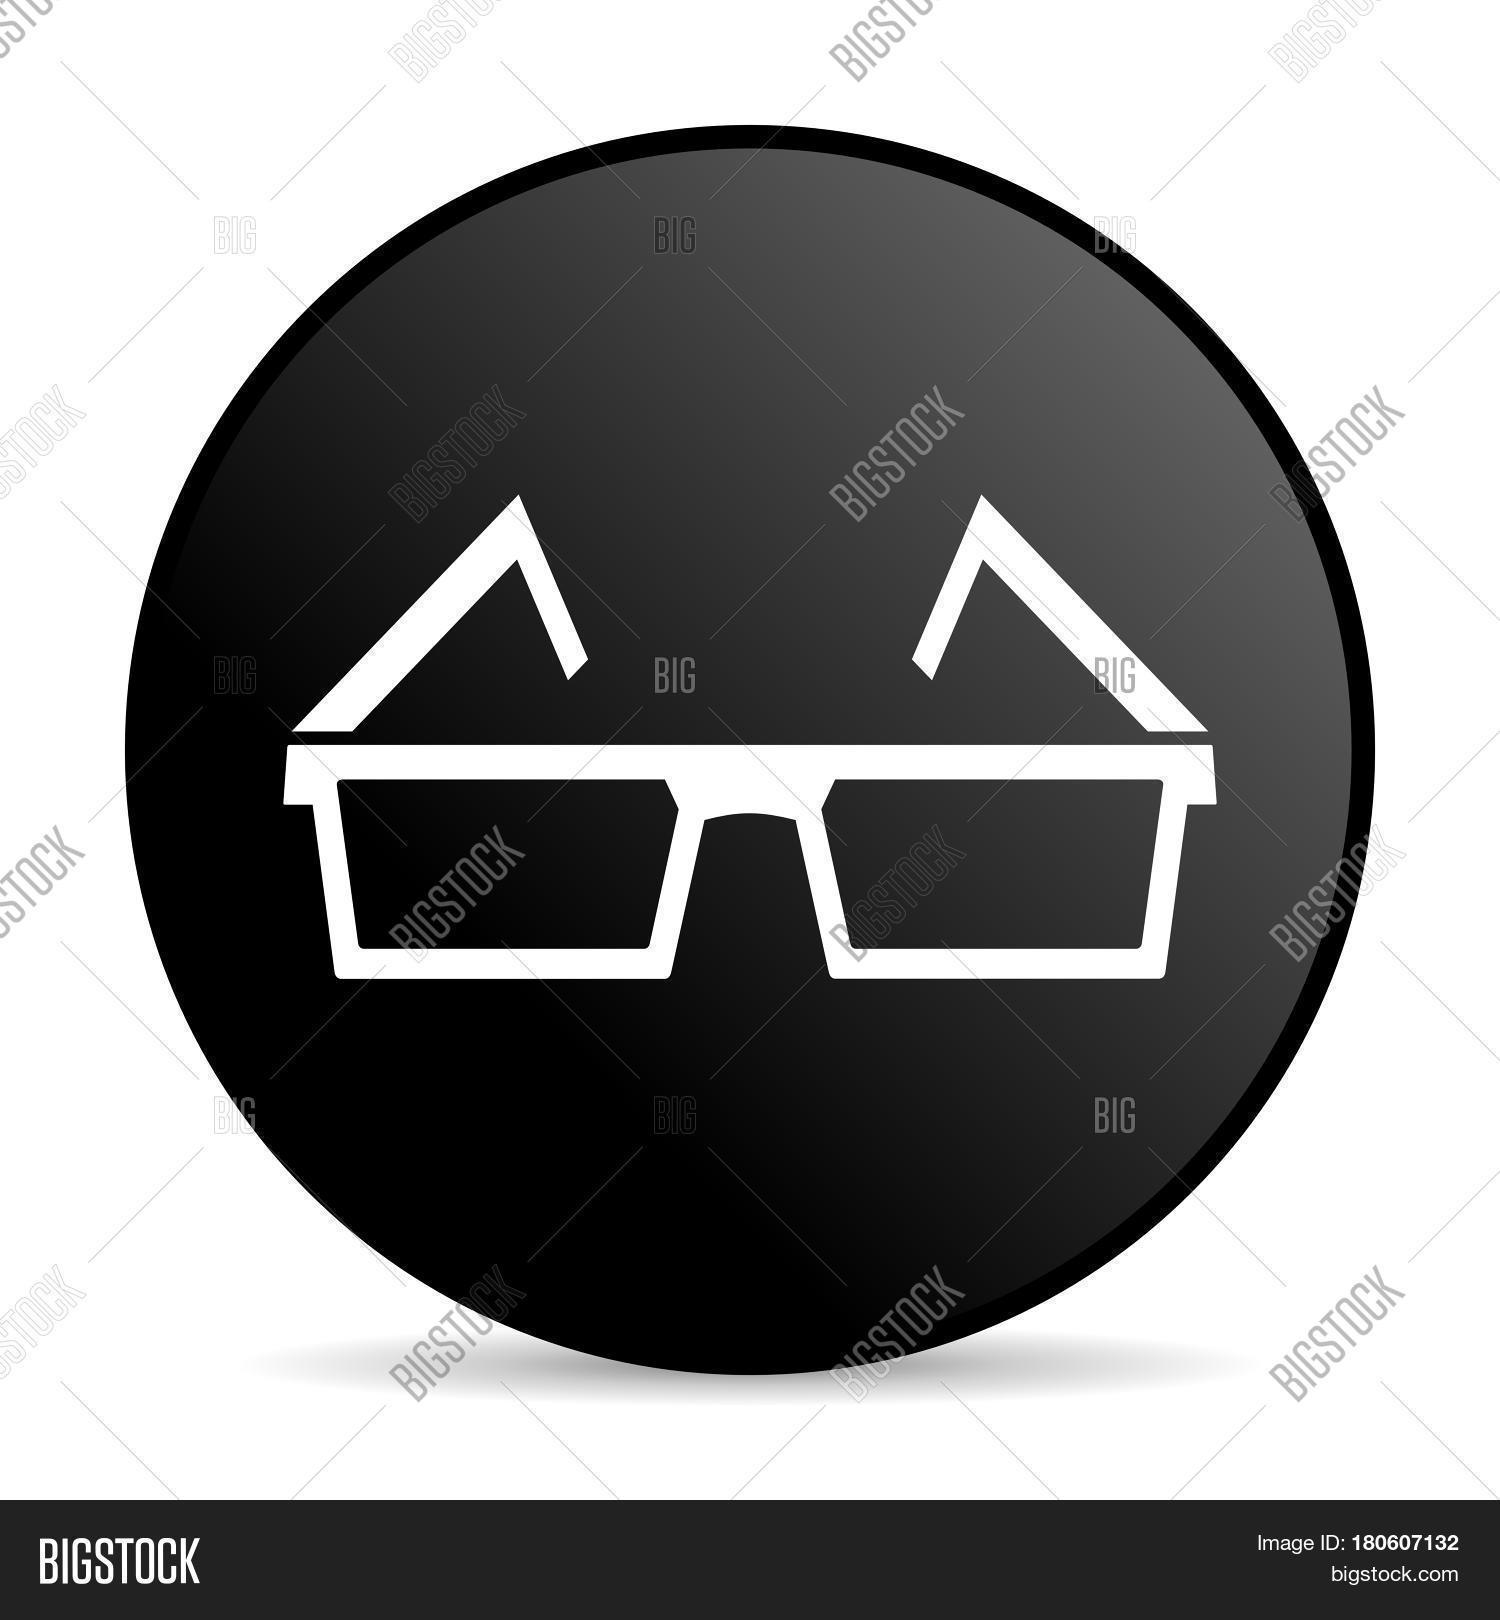 e2ec96b4c5e 3d glasses black color web design round internet icon on white background.